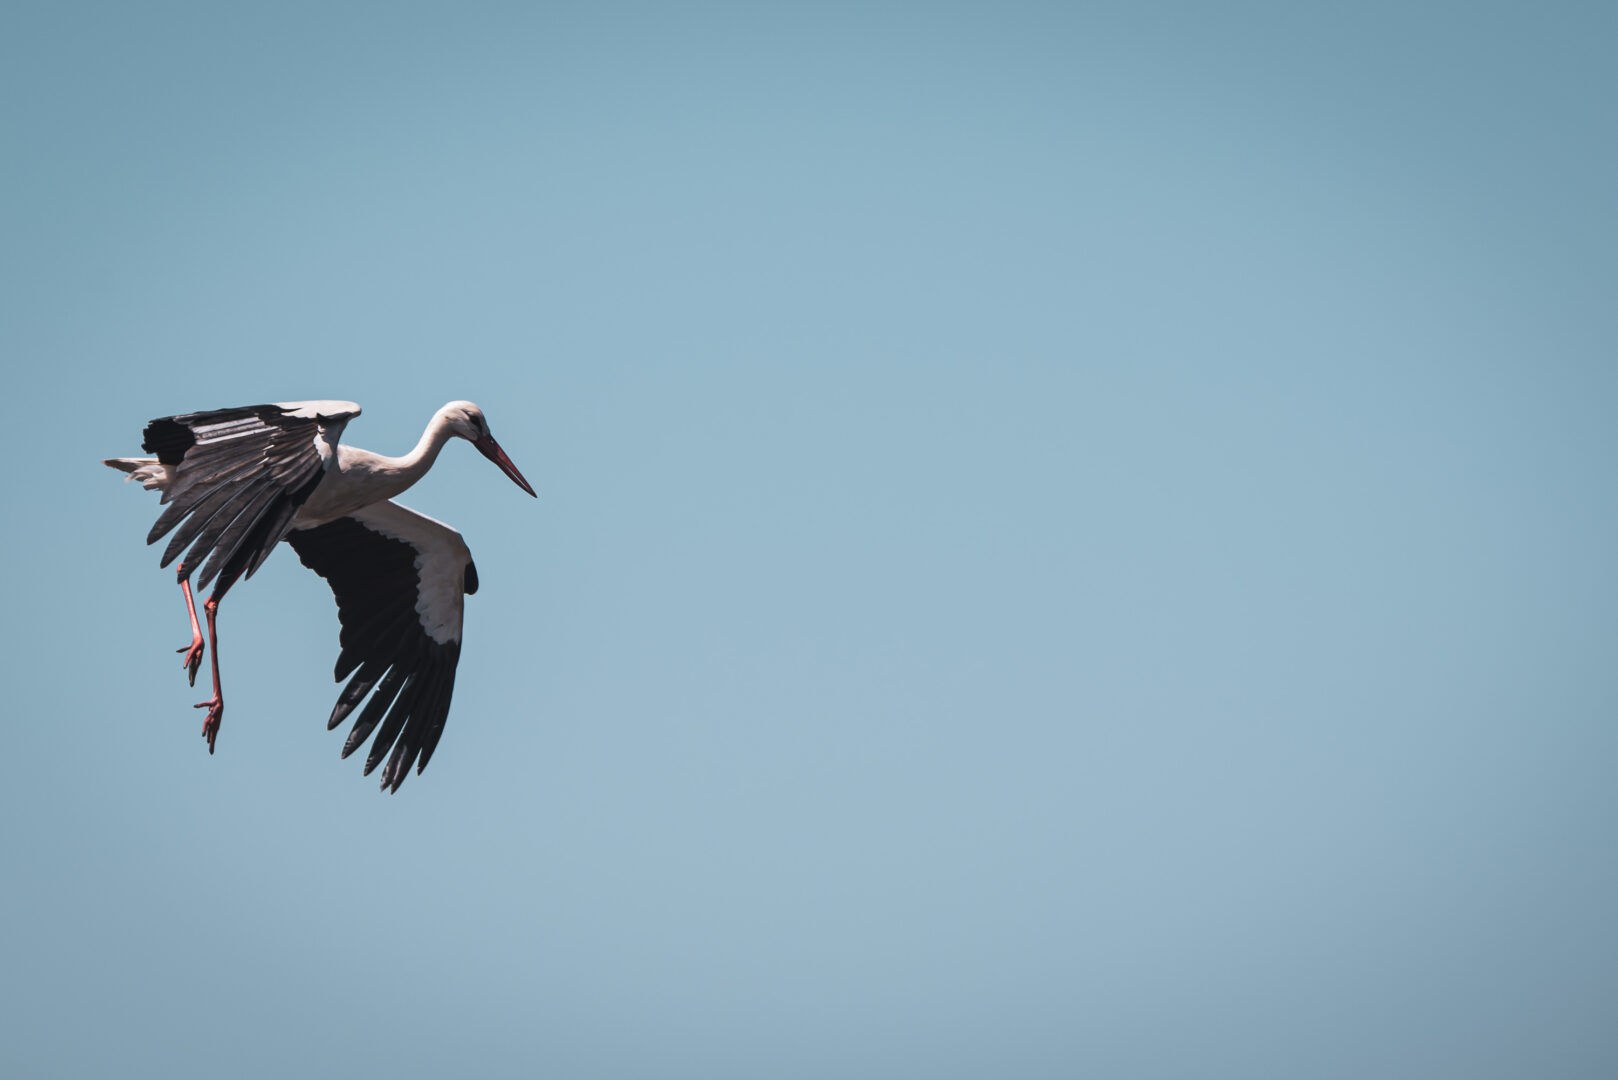 Stork går in för landning